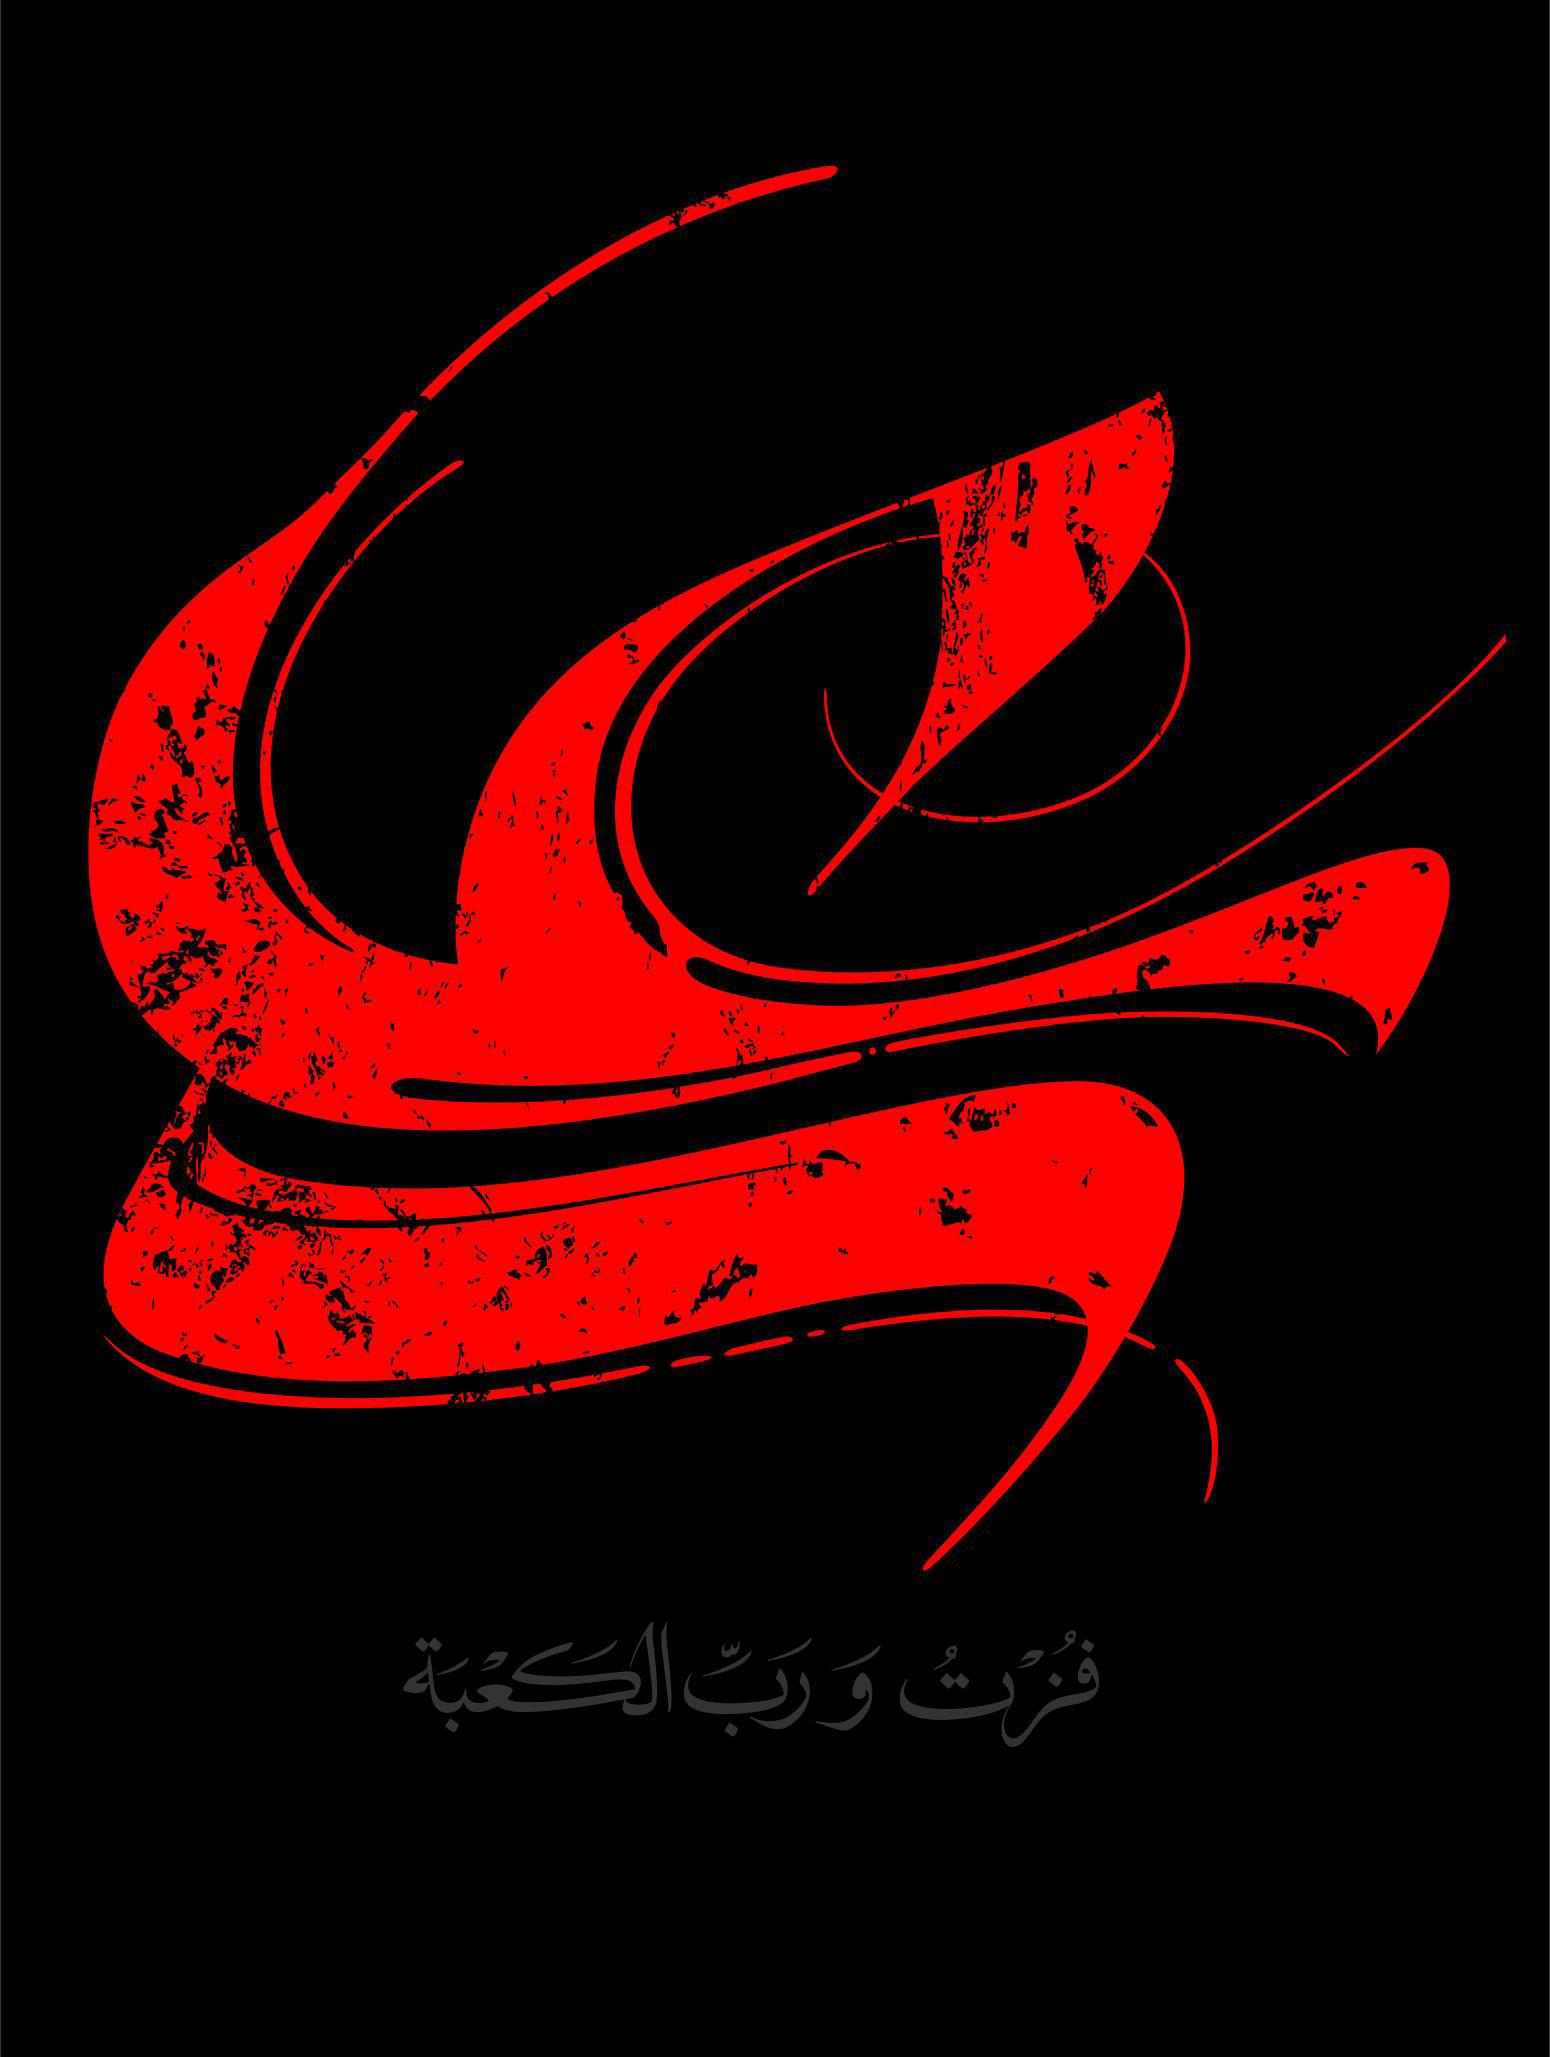 تصاویر شهادت حضرت علی  تصاویر شهادت حضرت علی (ع) emam ali 5 bashiran